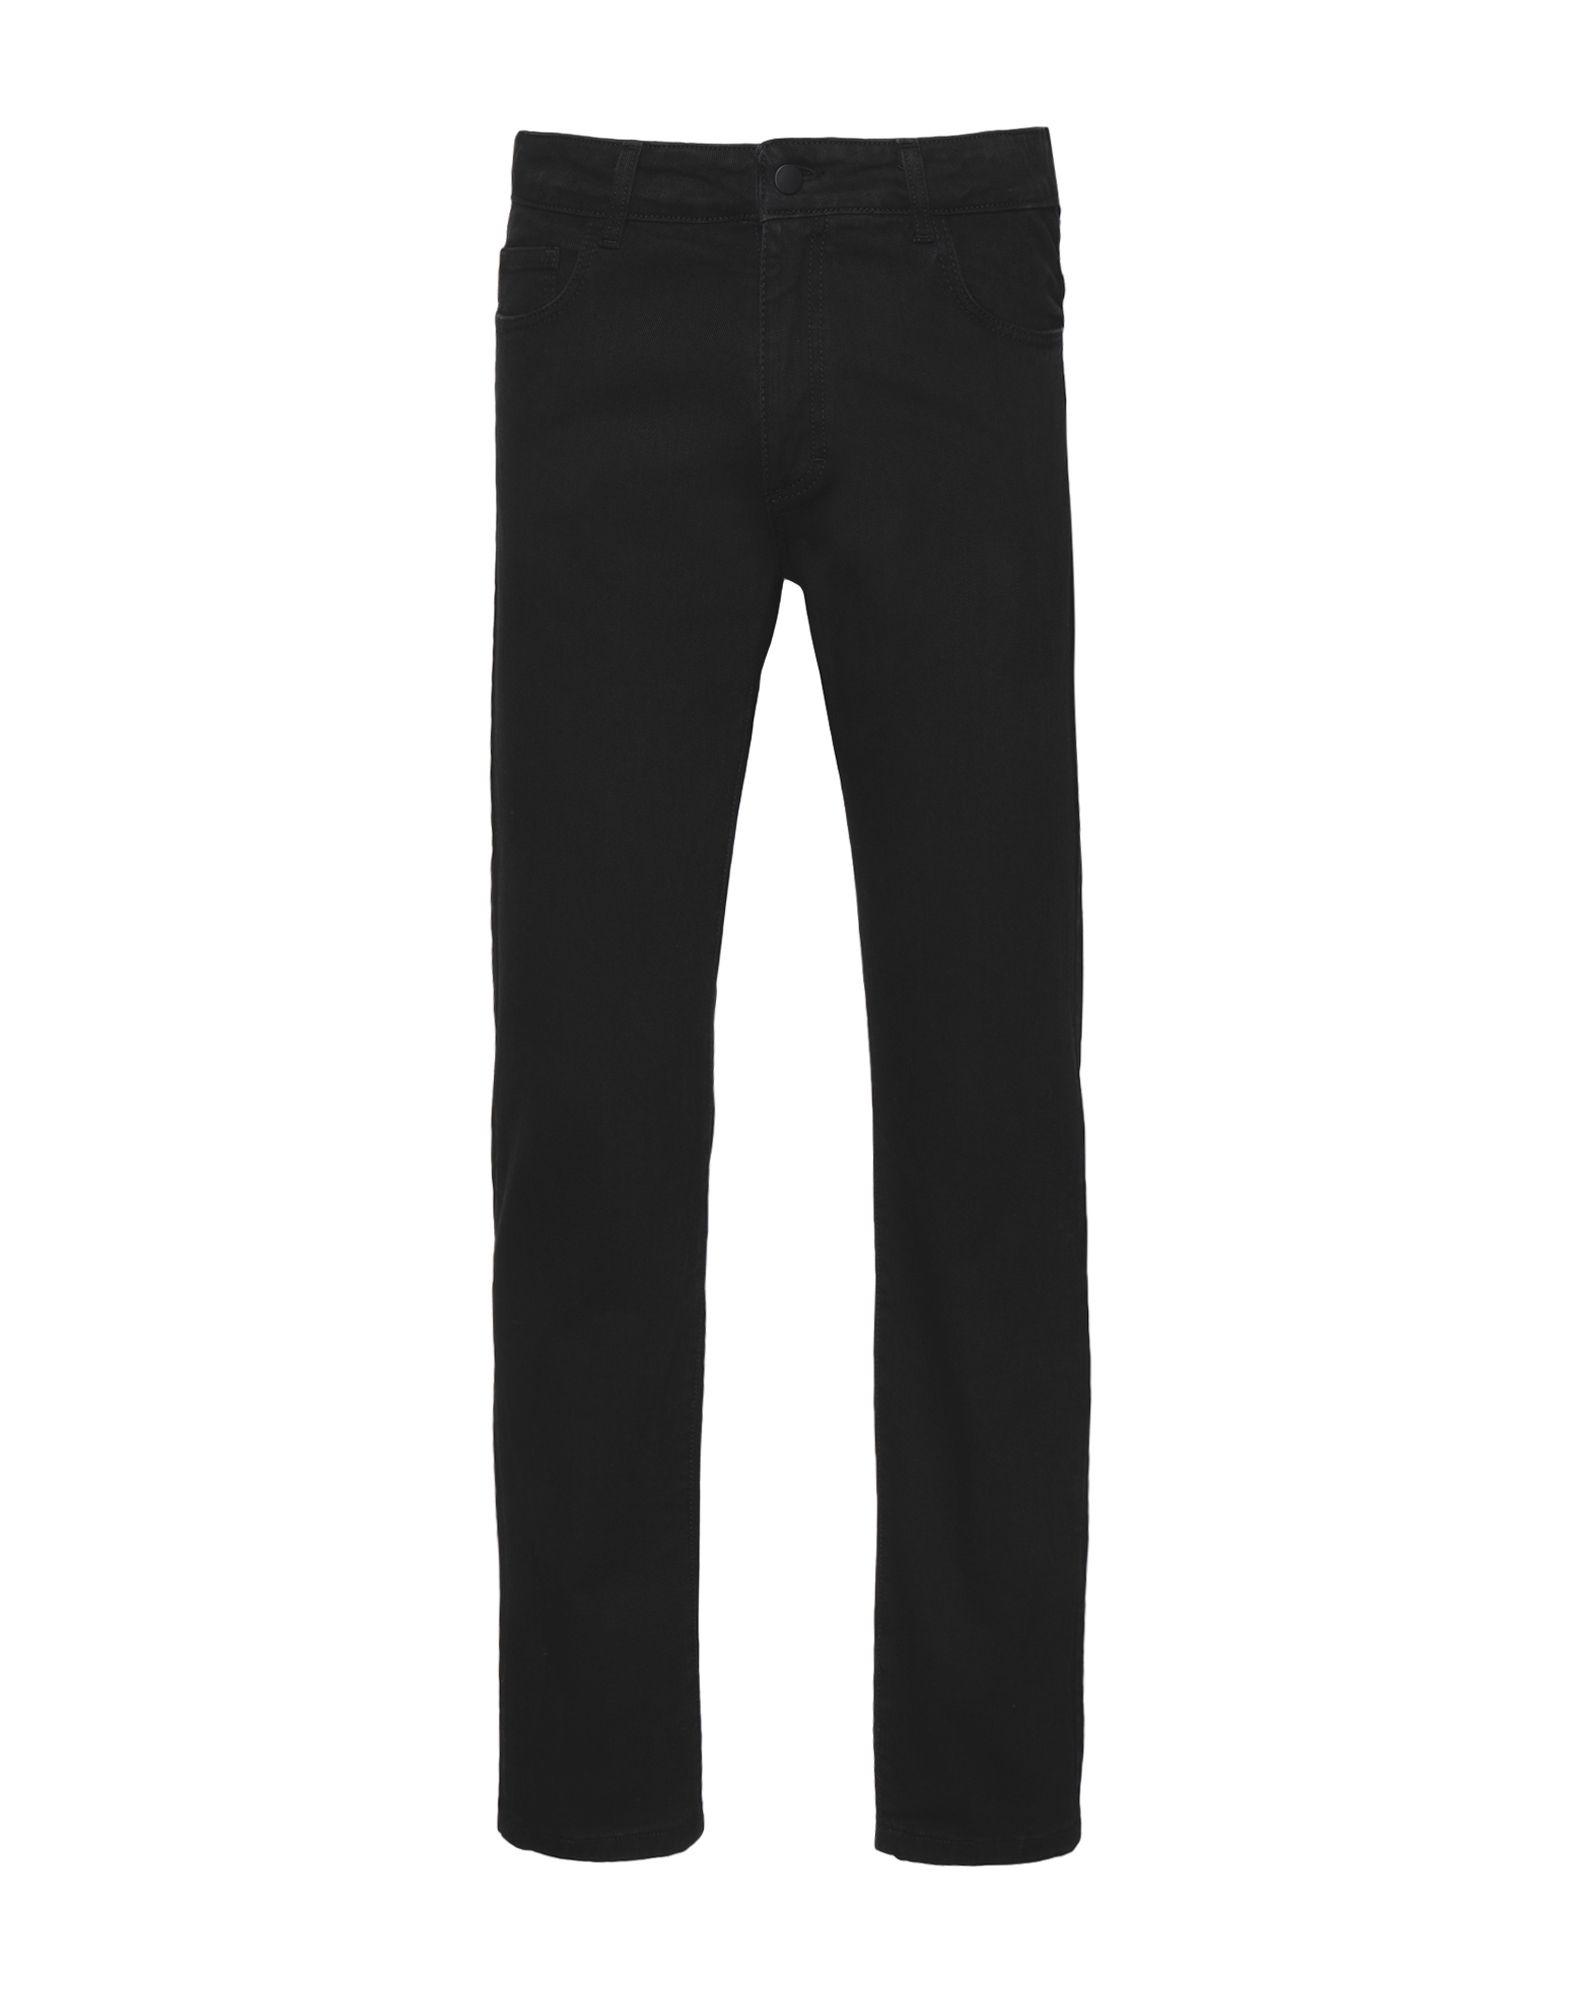 8 by YOOX Джинсовые брюки пальто из денима